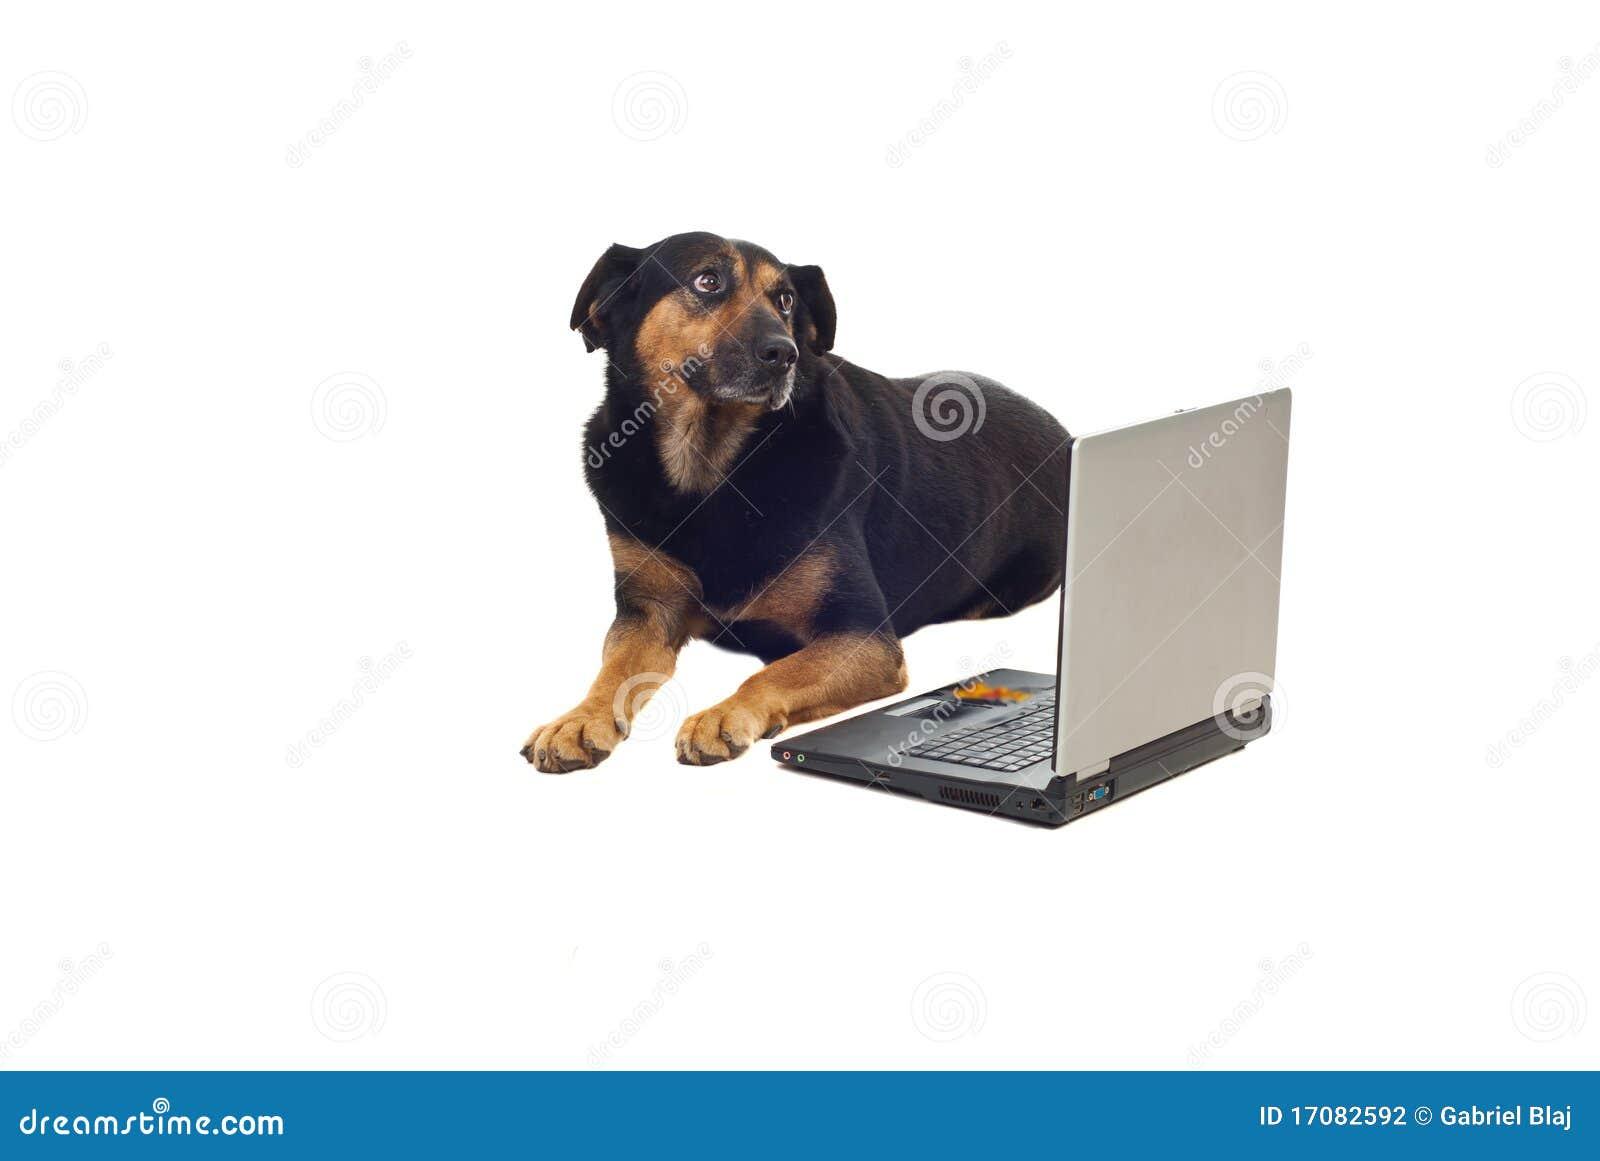 Hund mit Laptop